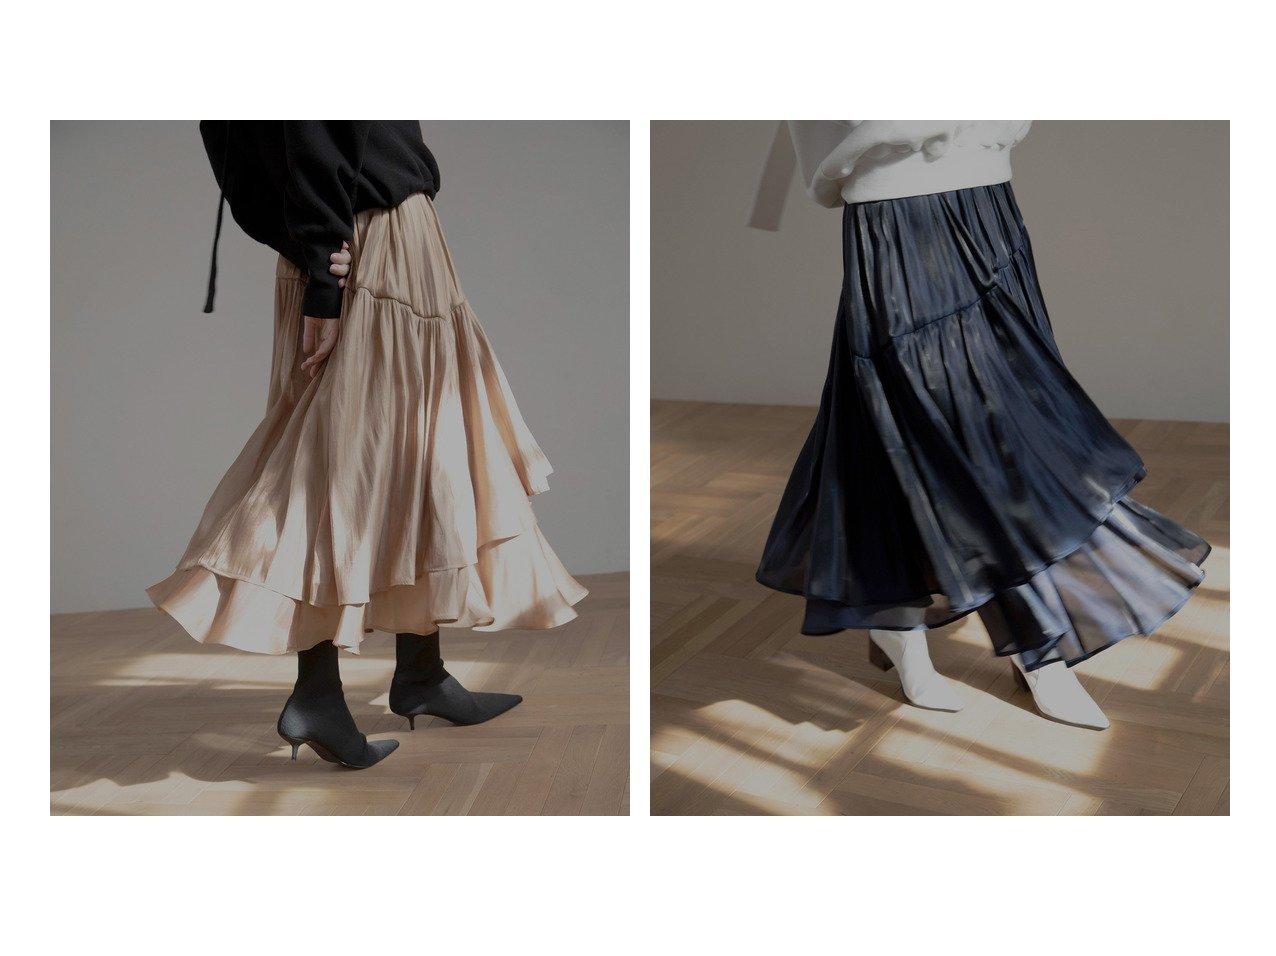 【MIELIINVARIANT/ミエリインヴァリアント】のオーロラティアードフレアスカート スカートのおすすめ!人気、トレンド・レディースファッションの通販 おすすめで人気の流行・トレンド、ファッションの通販商品 メンズファッション・キッズファッション・インテリア・家具・レディースファッション・服の通販 founy(ファニー) https://founy.com/ ファッション Fashion レディースファッション WOMEN スカート Skirt Aライン/フレアスカート Flared A-Line Skirts ギャザー シンプル ティアード 再入荷 Restock/Back in Stock/Re Arrival |ID:crp329100000018916